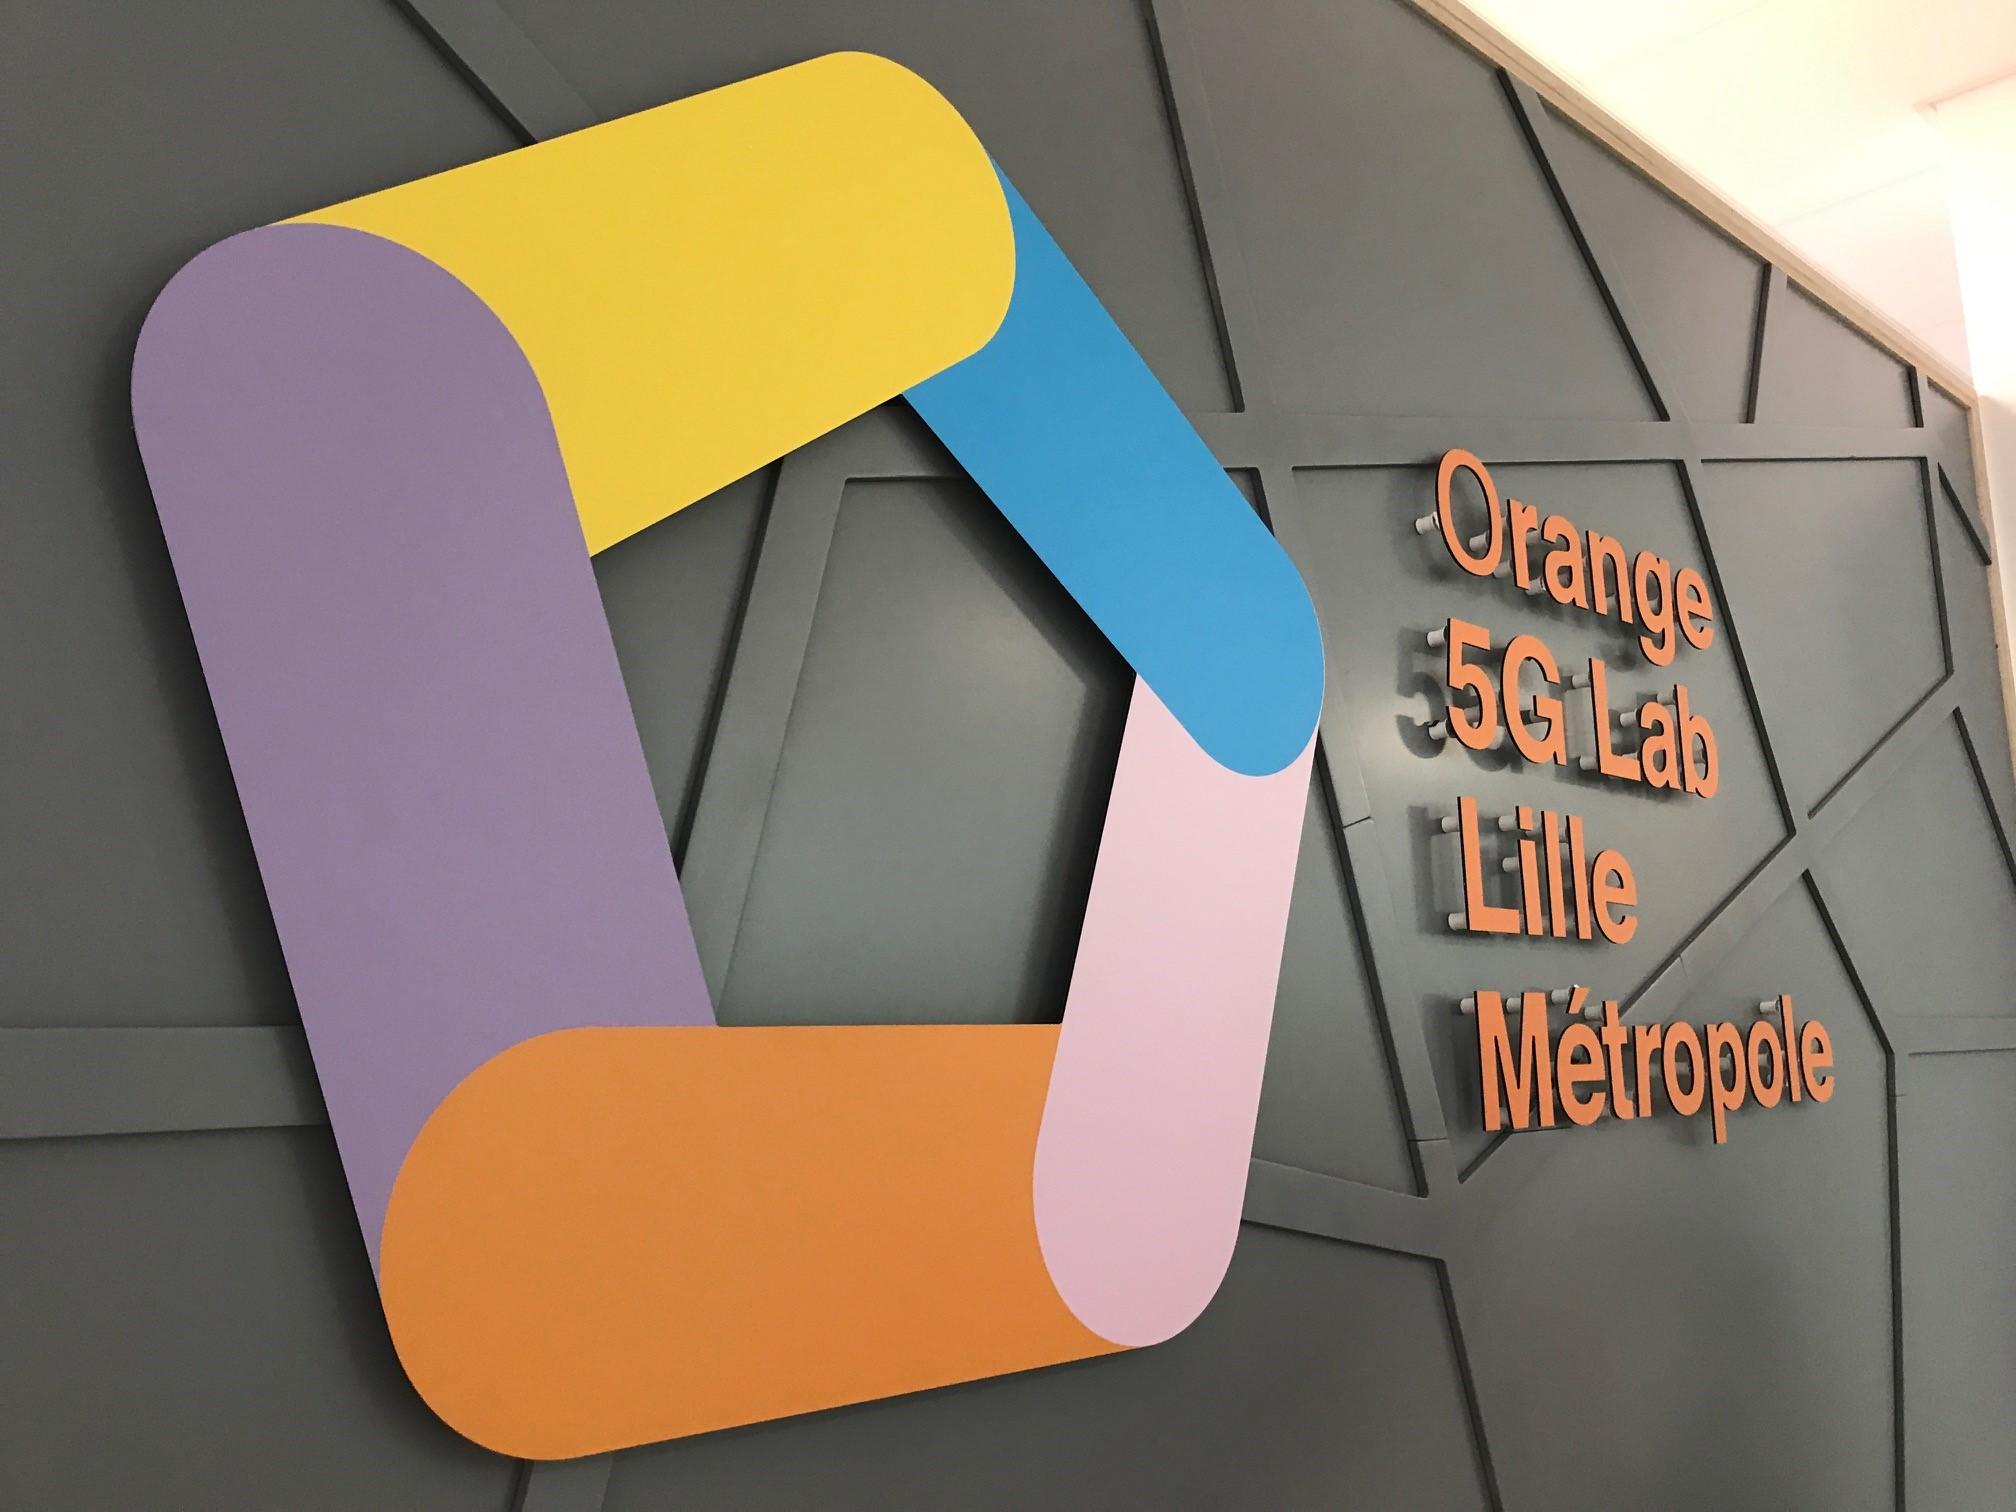 rapport activités hdfid innovation lille amiens développement économique hauts-de-france design graphique orange 5G Lab Villeneuve d'ascq nord